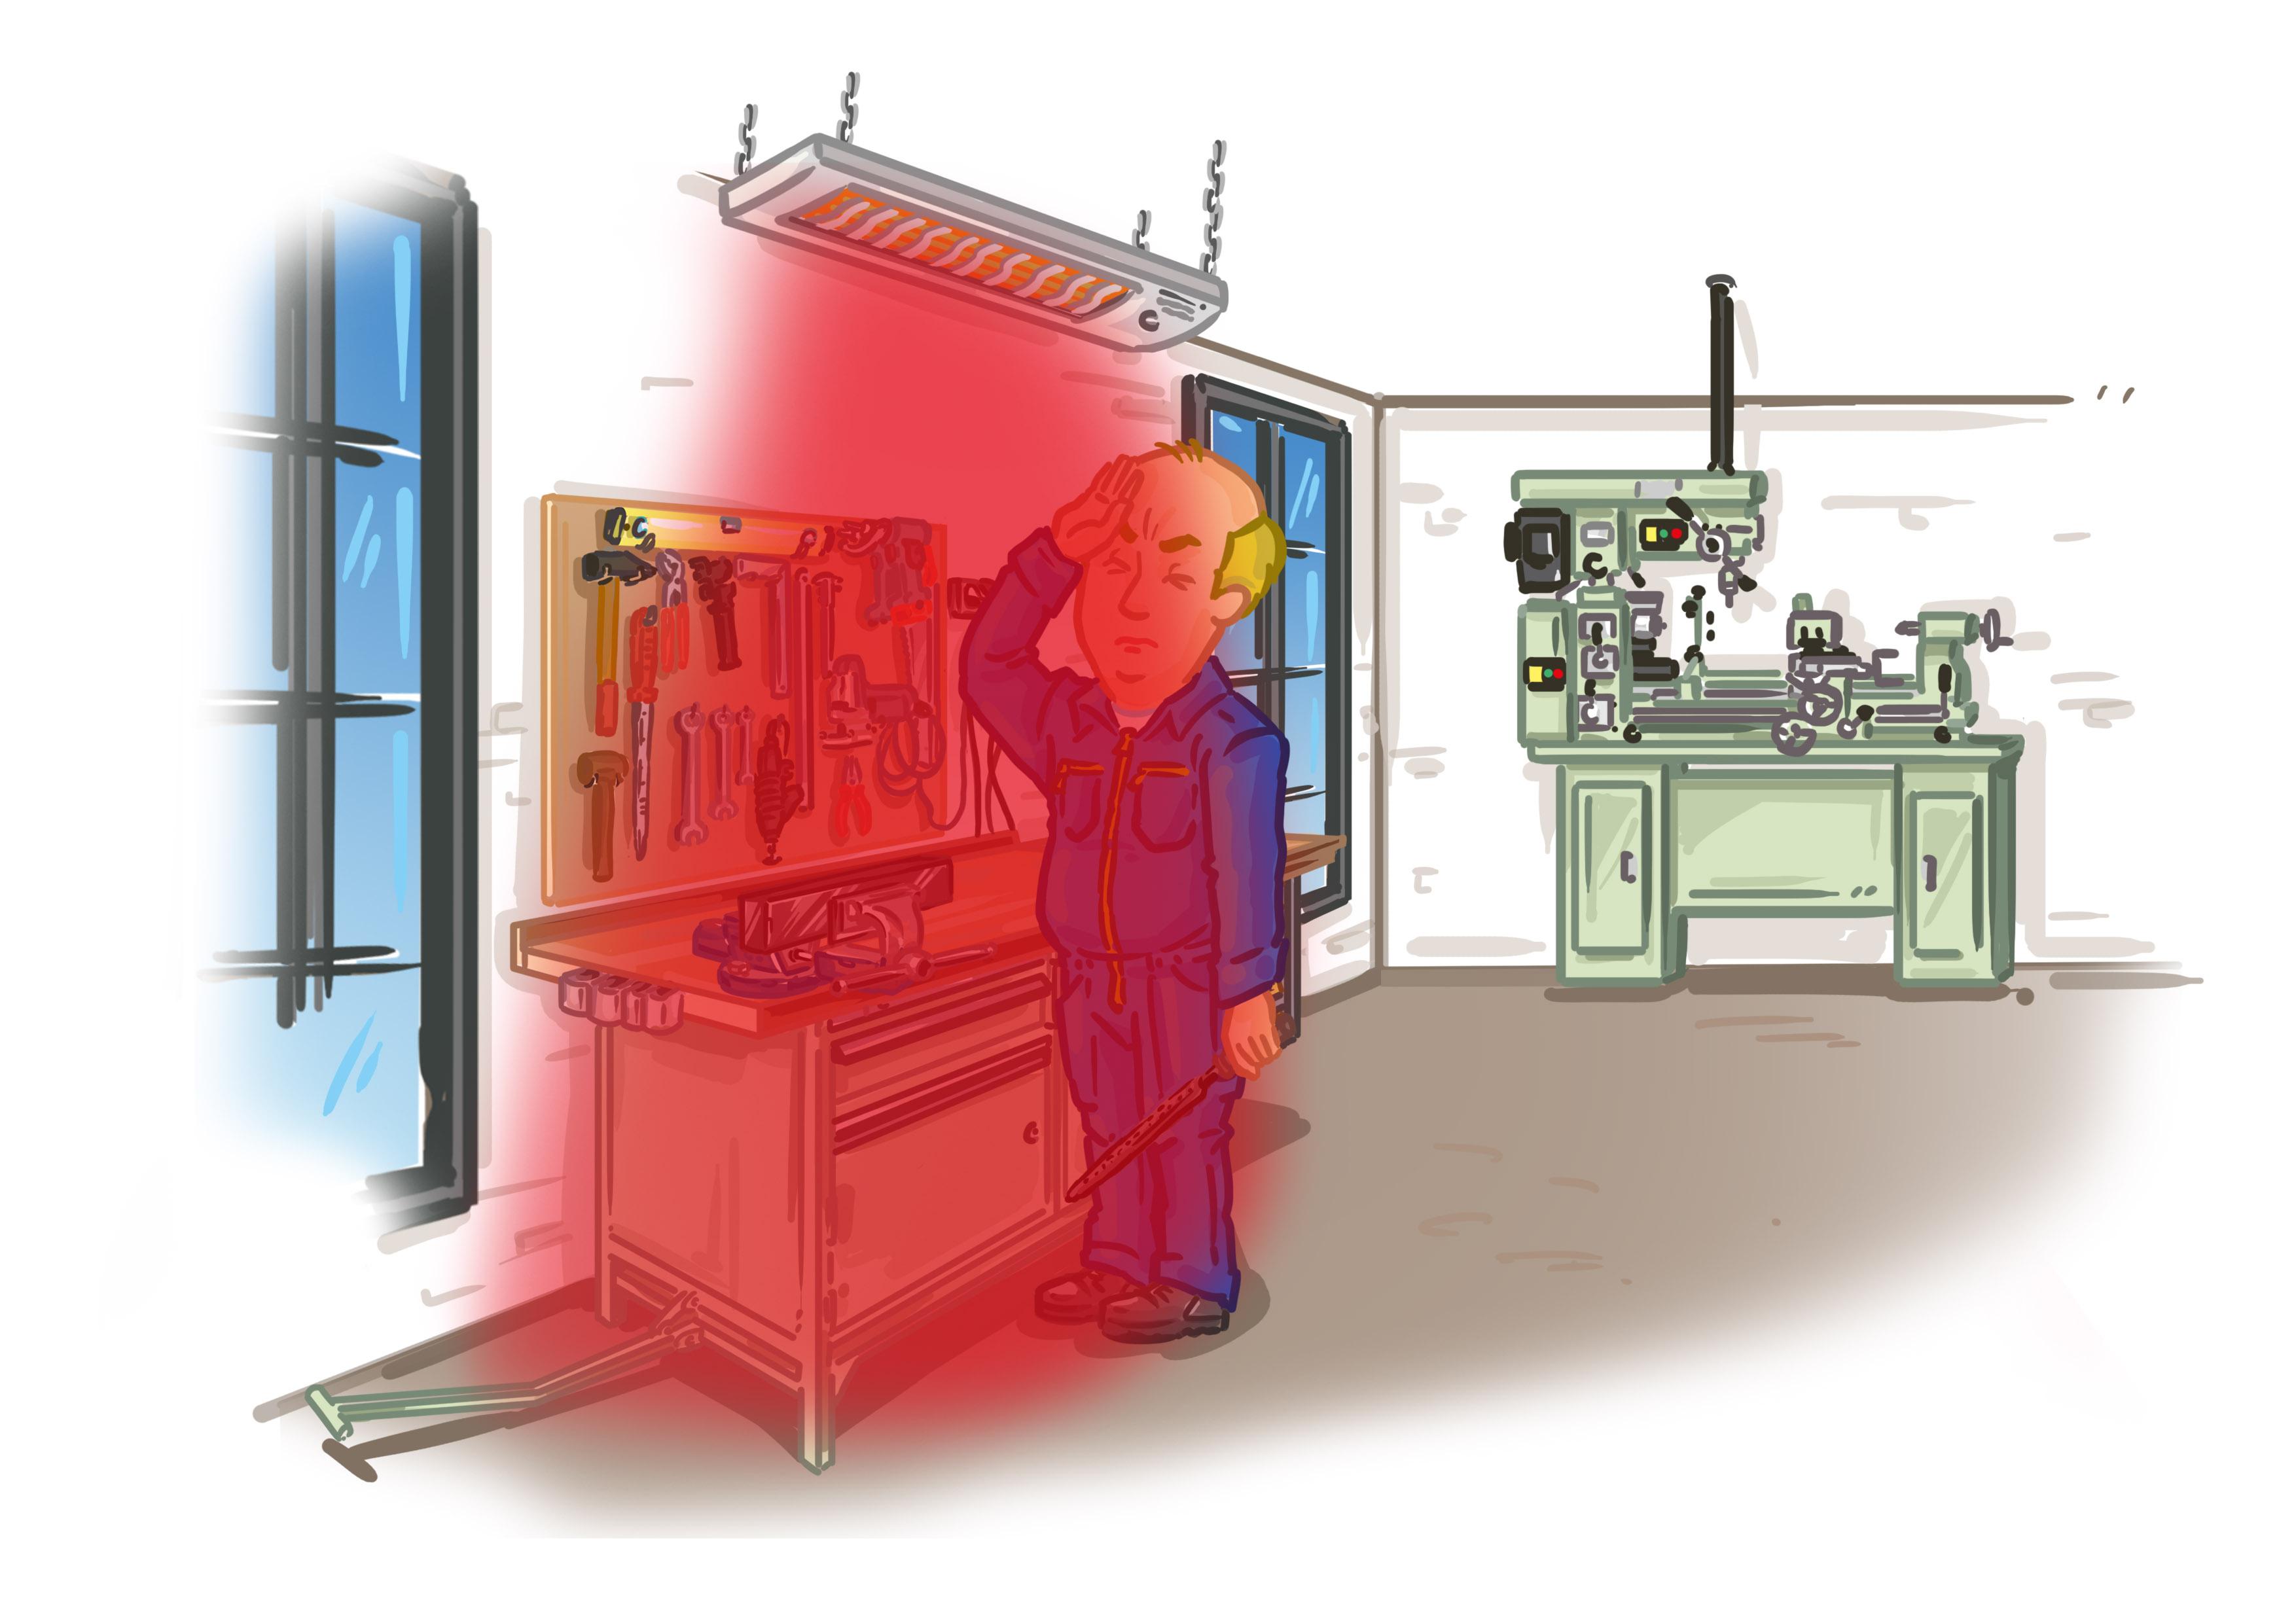 Nachteile von Hellstrahlern beim Einsatz in Hallen oder Werkstätten